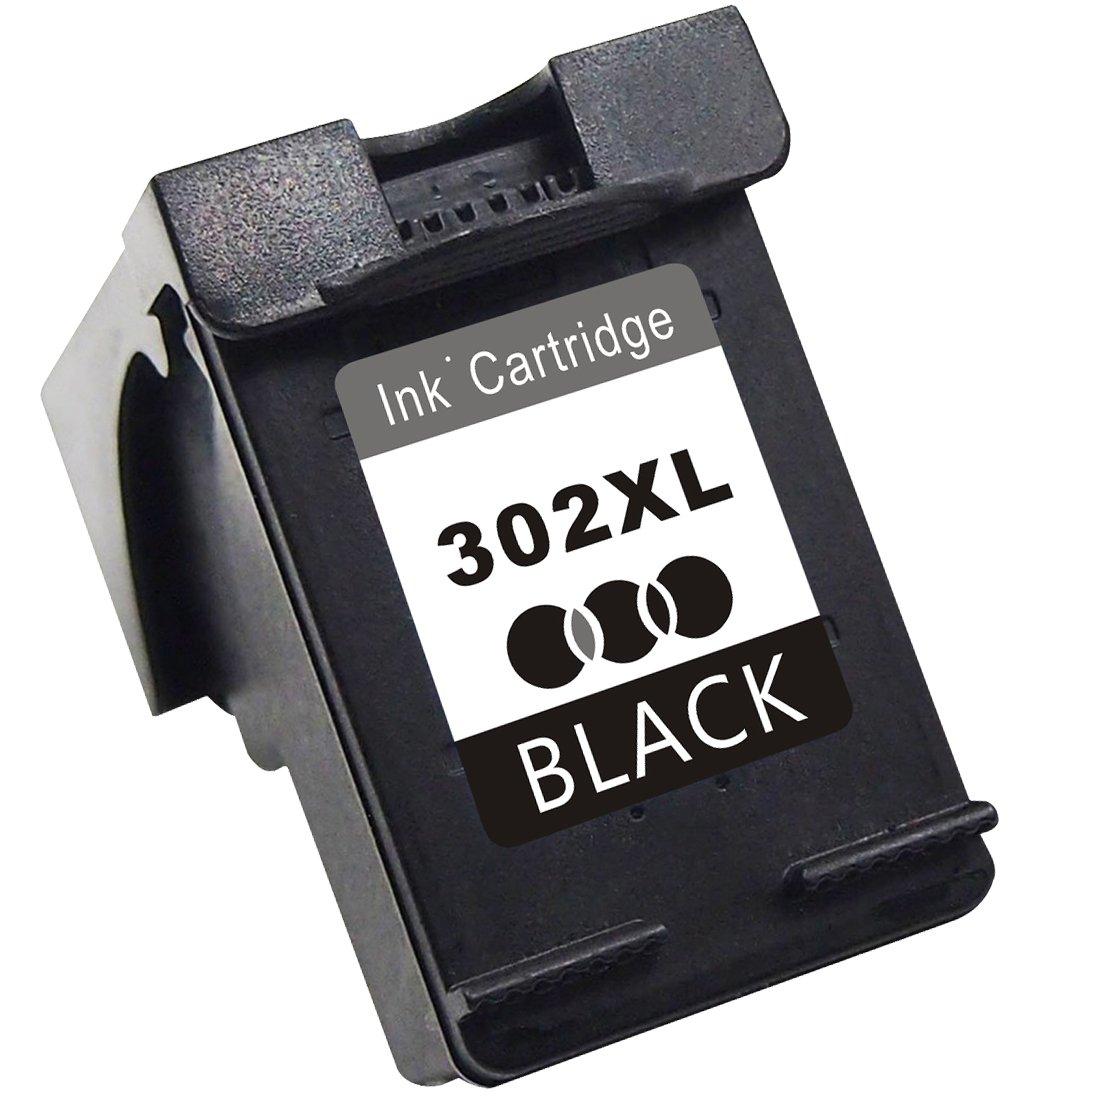 TooTwo 1 Paquete Cartuchos de Tinta Remanufacturados Reemplazar para HP 302XL(F6U67AE F6U68AE) Compatible con HP DeskJet 1110 1115 2130 2132 3630 3632 ...